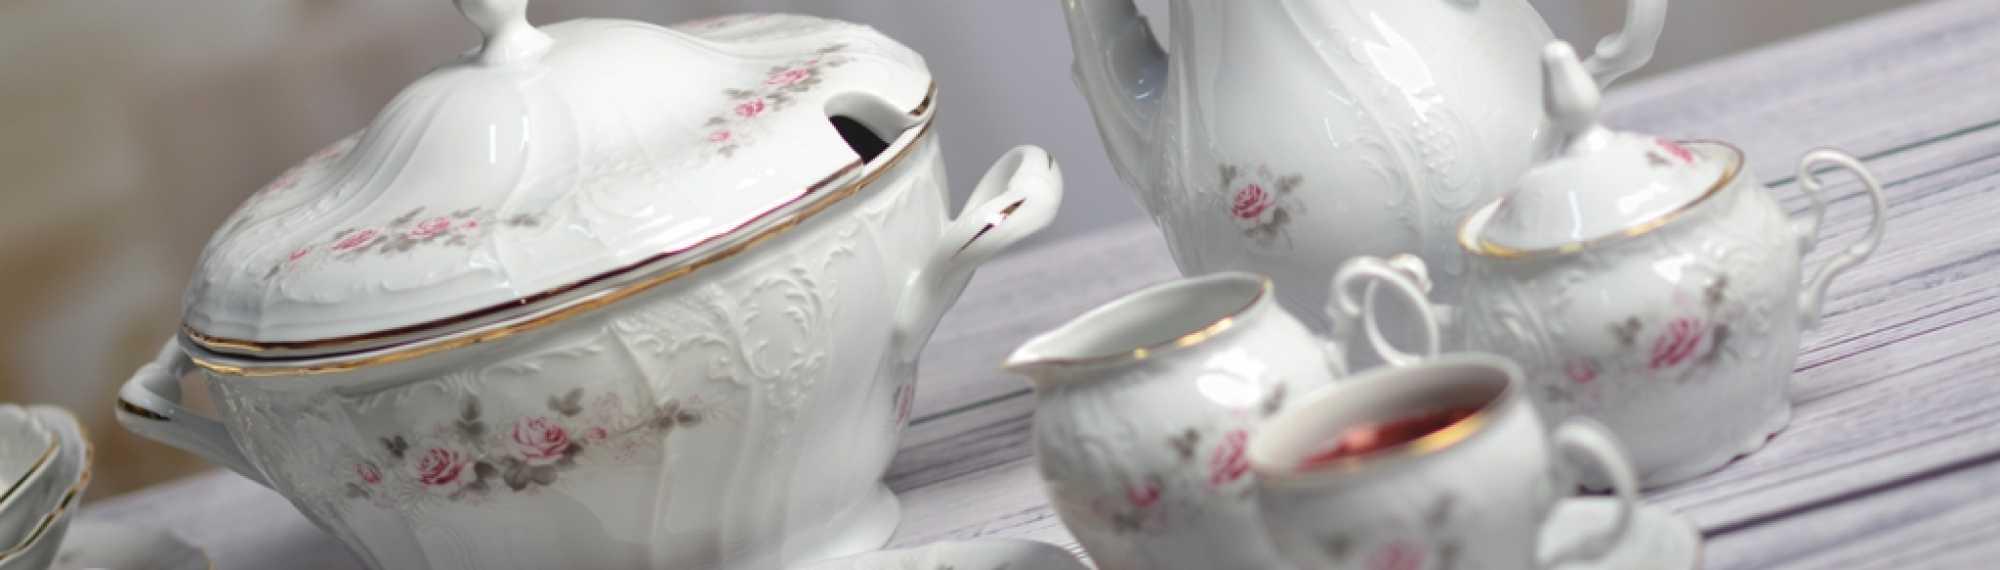 Porcelán do domácnosti